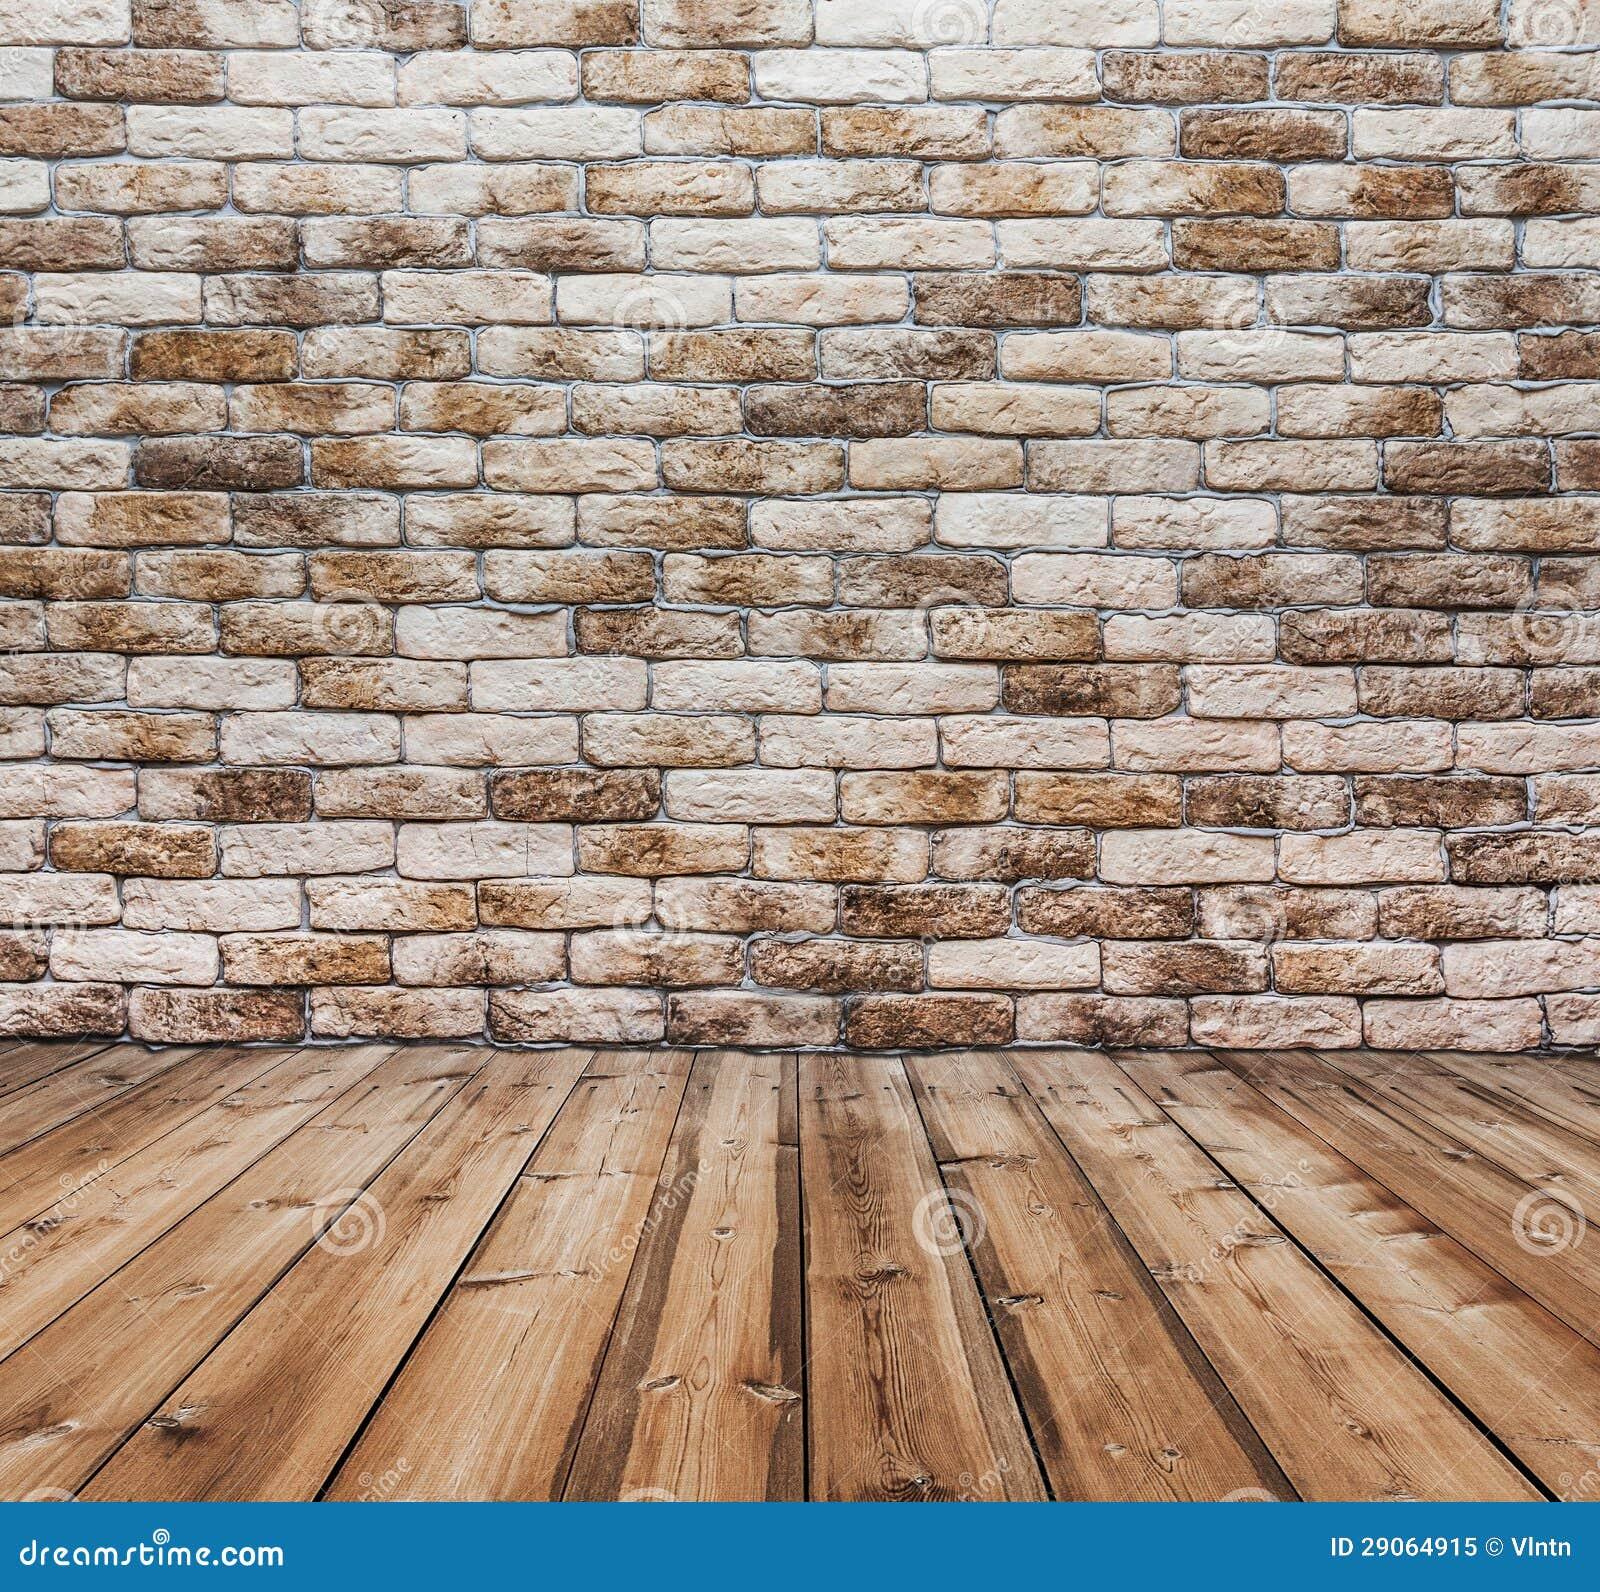 pi ce avec le mur de briques photo libre de droits image 29064915. Black Bedroom Furniture Sets. Home Design Ideas